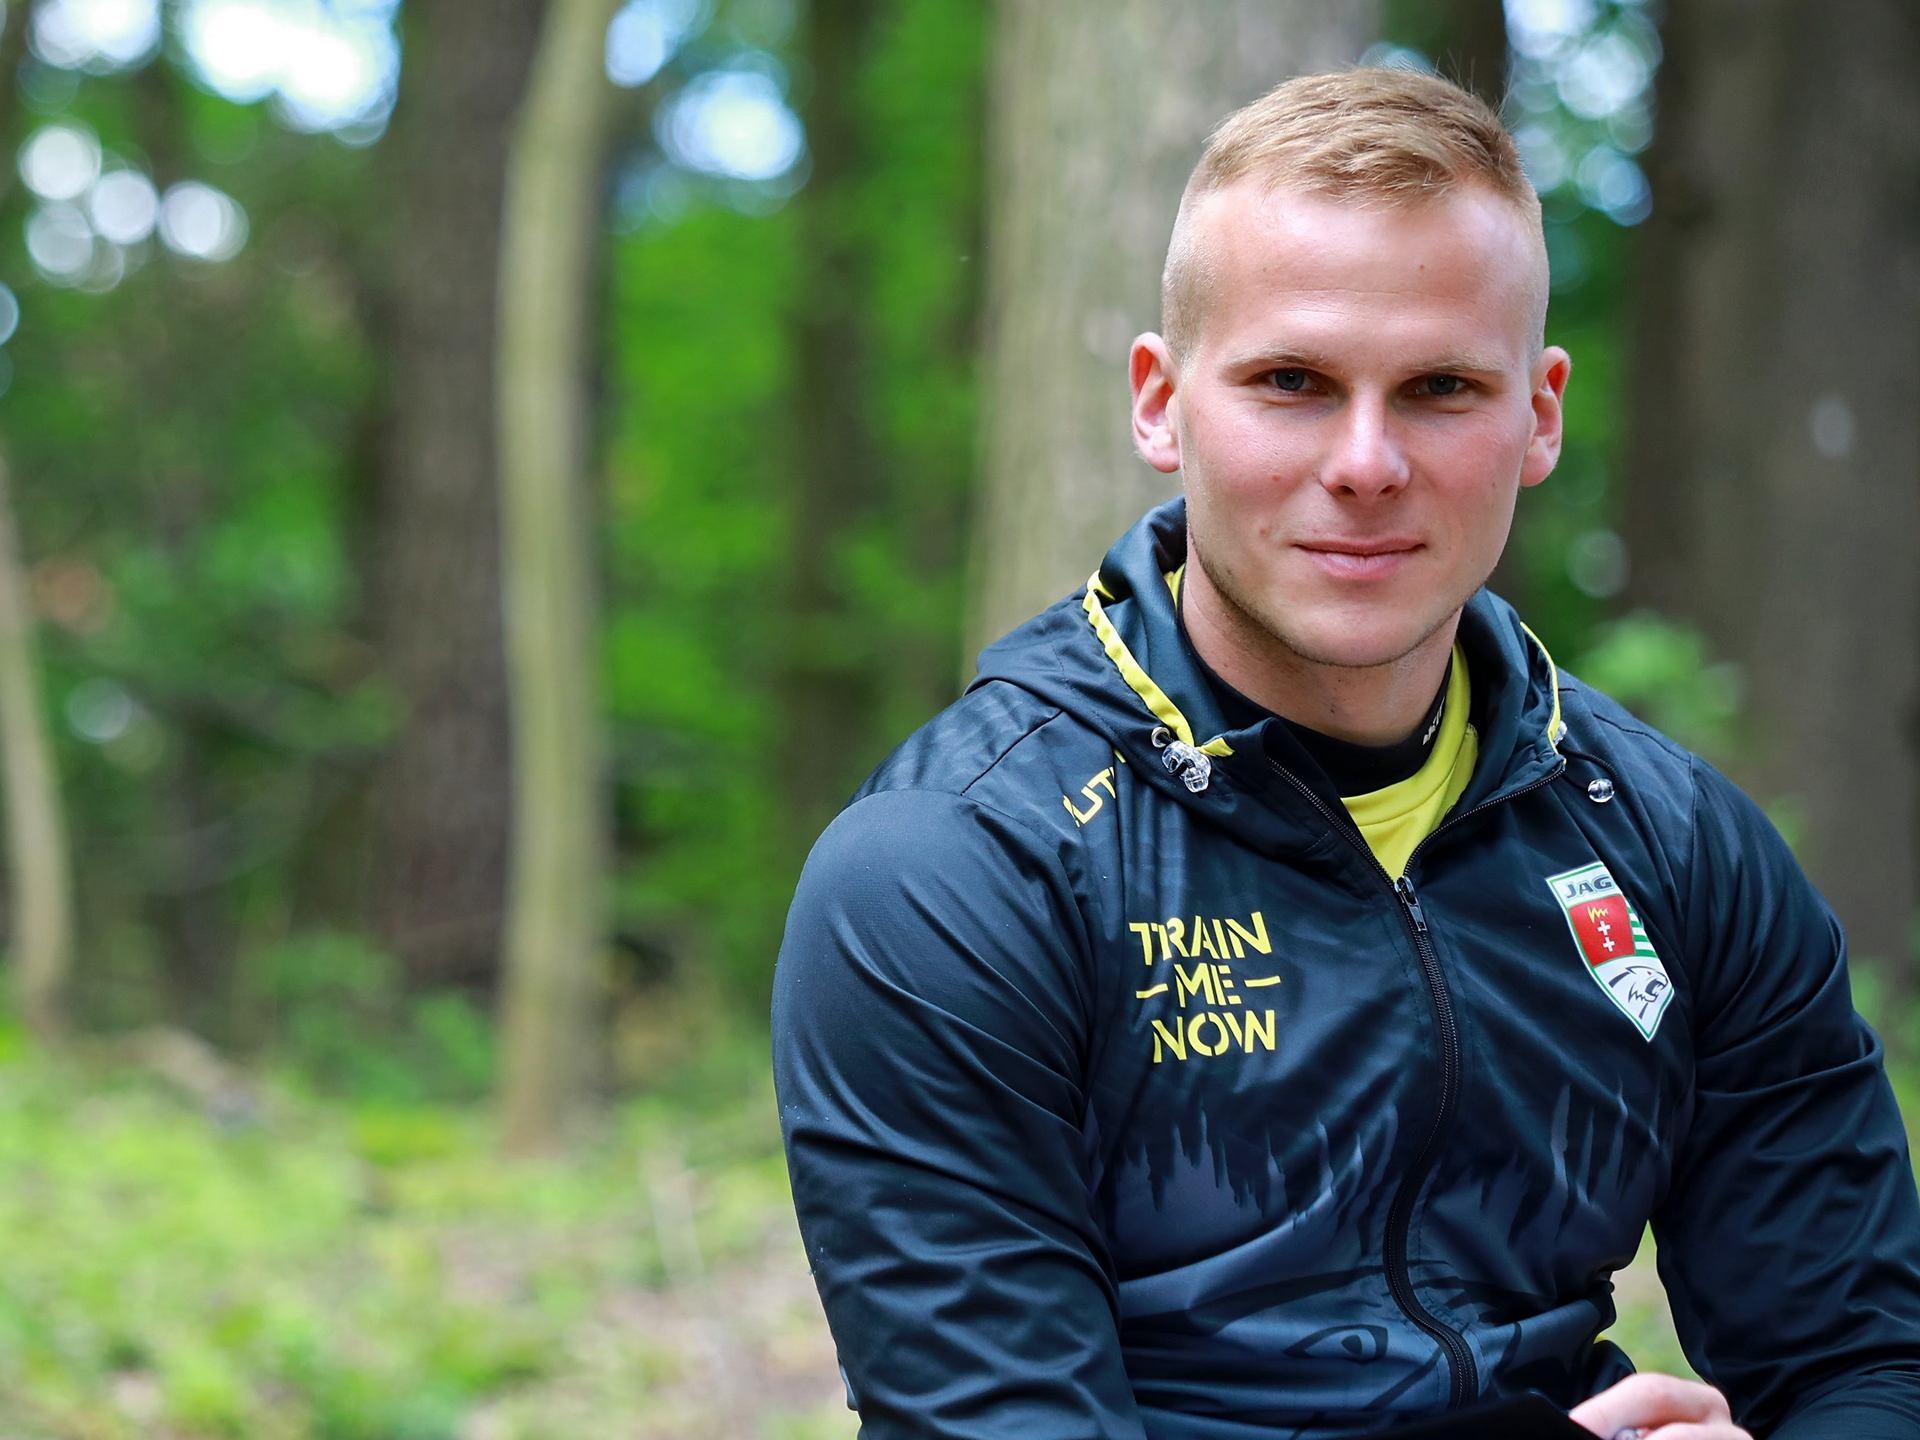 Nowe kurtki na trening trener personalny Cezary Dobrzelecki